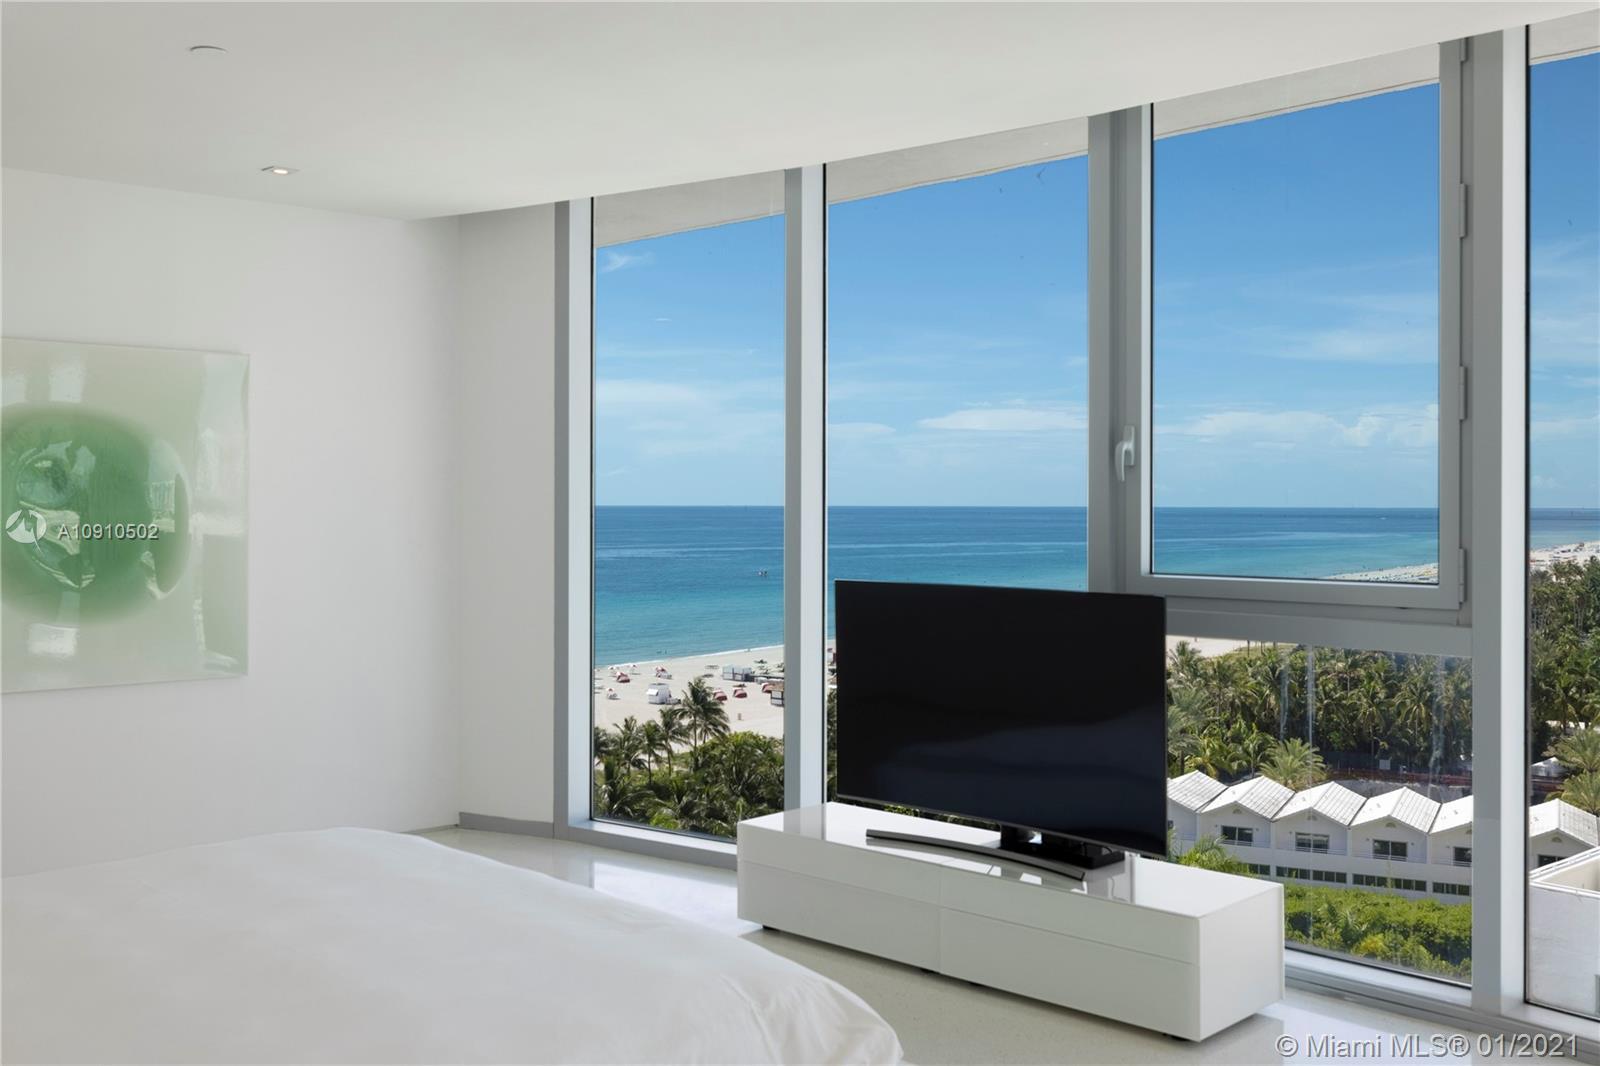 101 20th st-TH A miami-beach-fl-33139-a10910502-Pic11